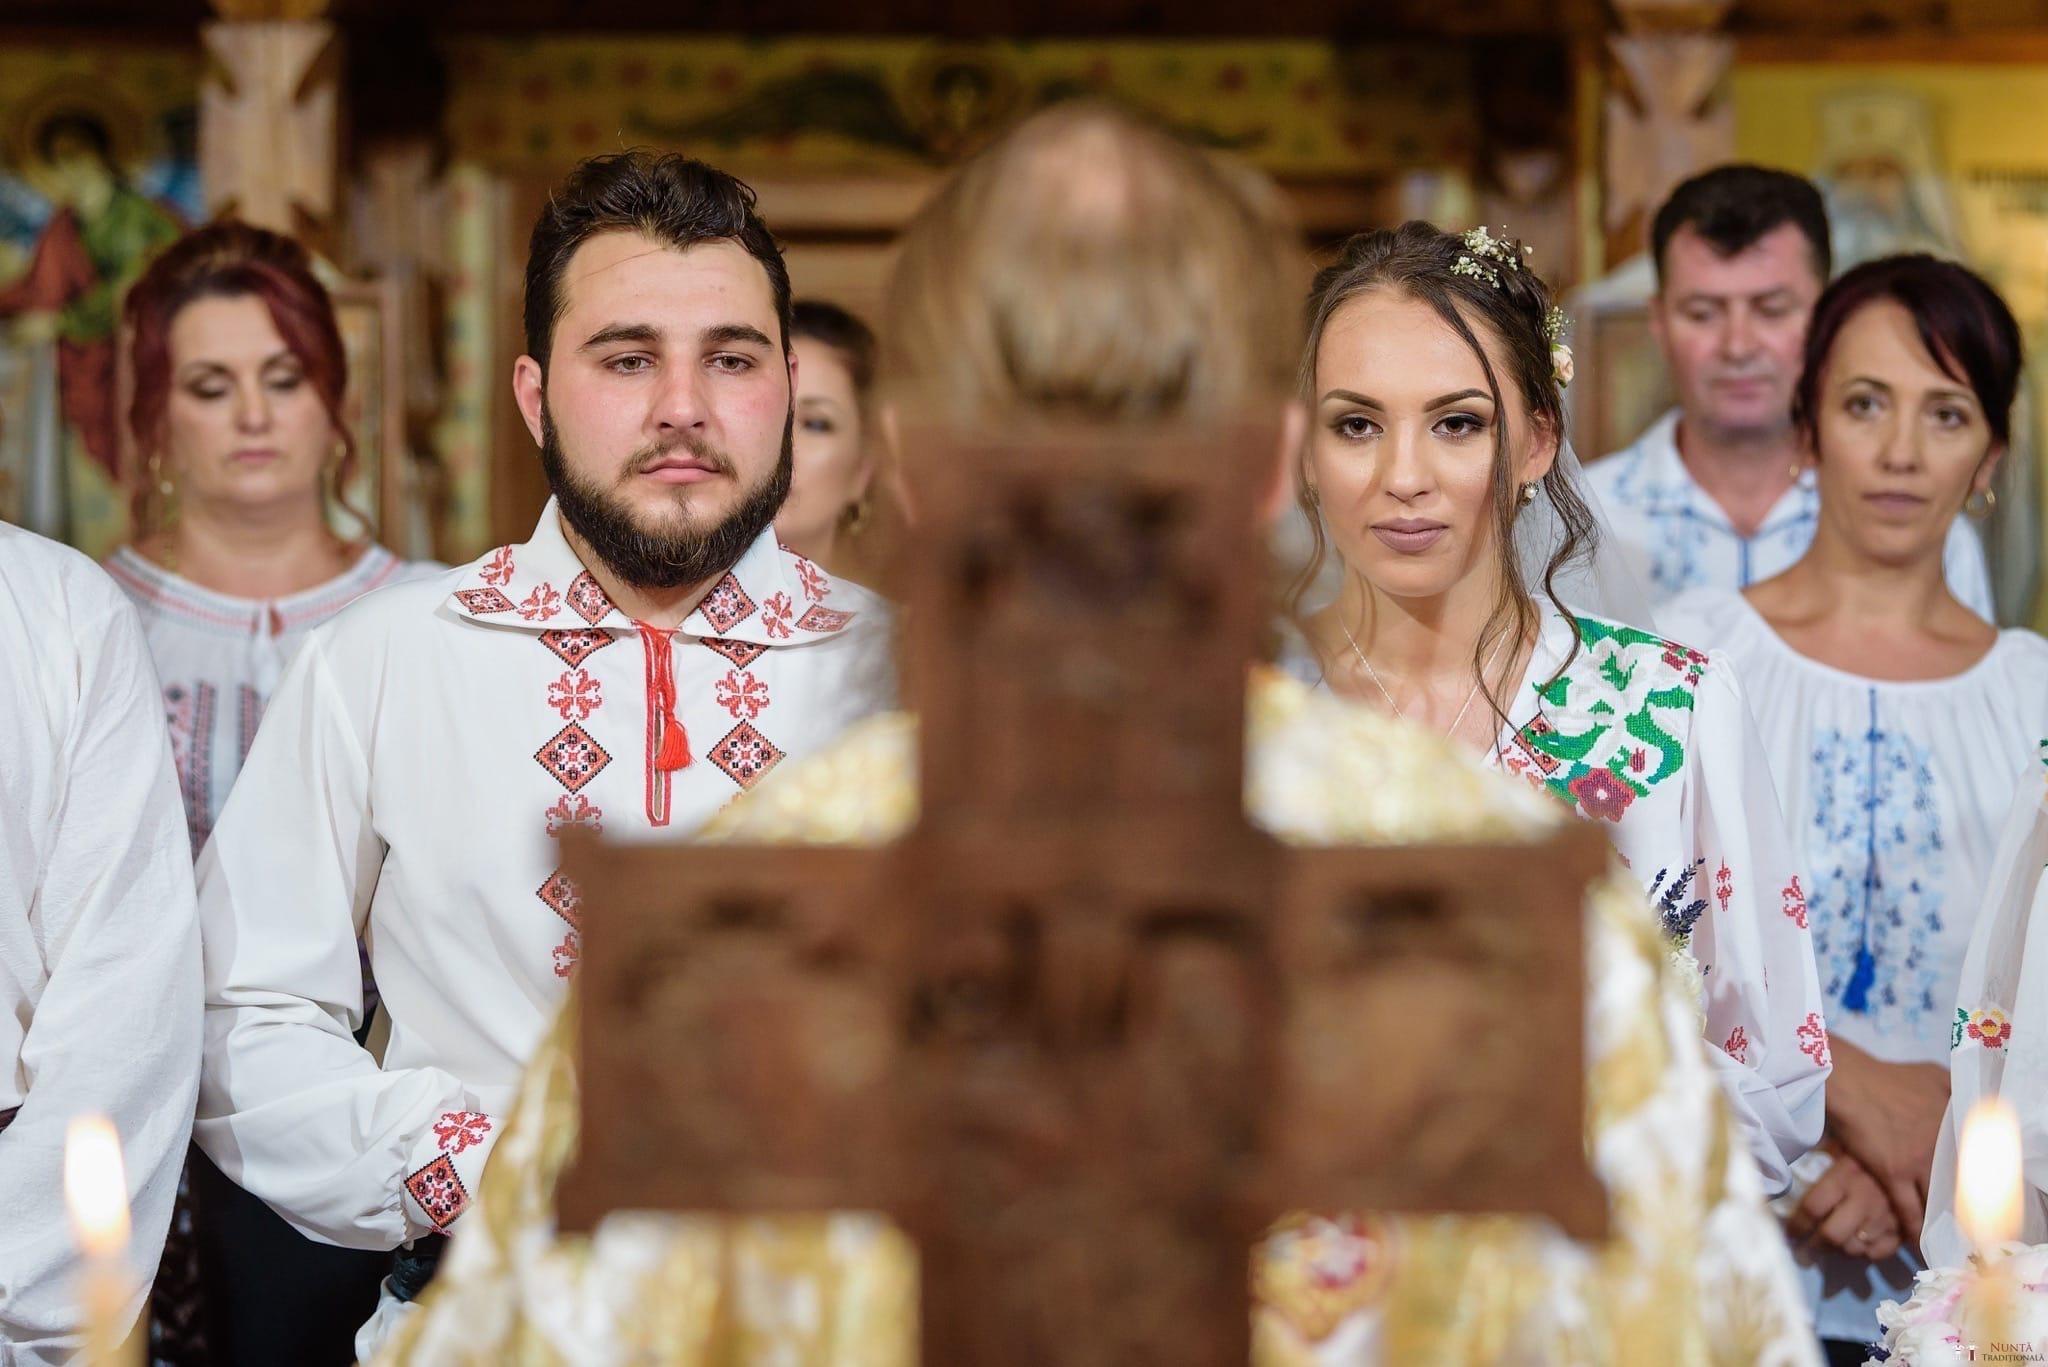 Povești Nunți Tradiționale - Daniela și Cristian, nuntă tradițională în Slobozia, Giurgiu